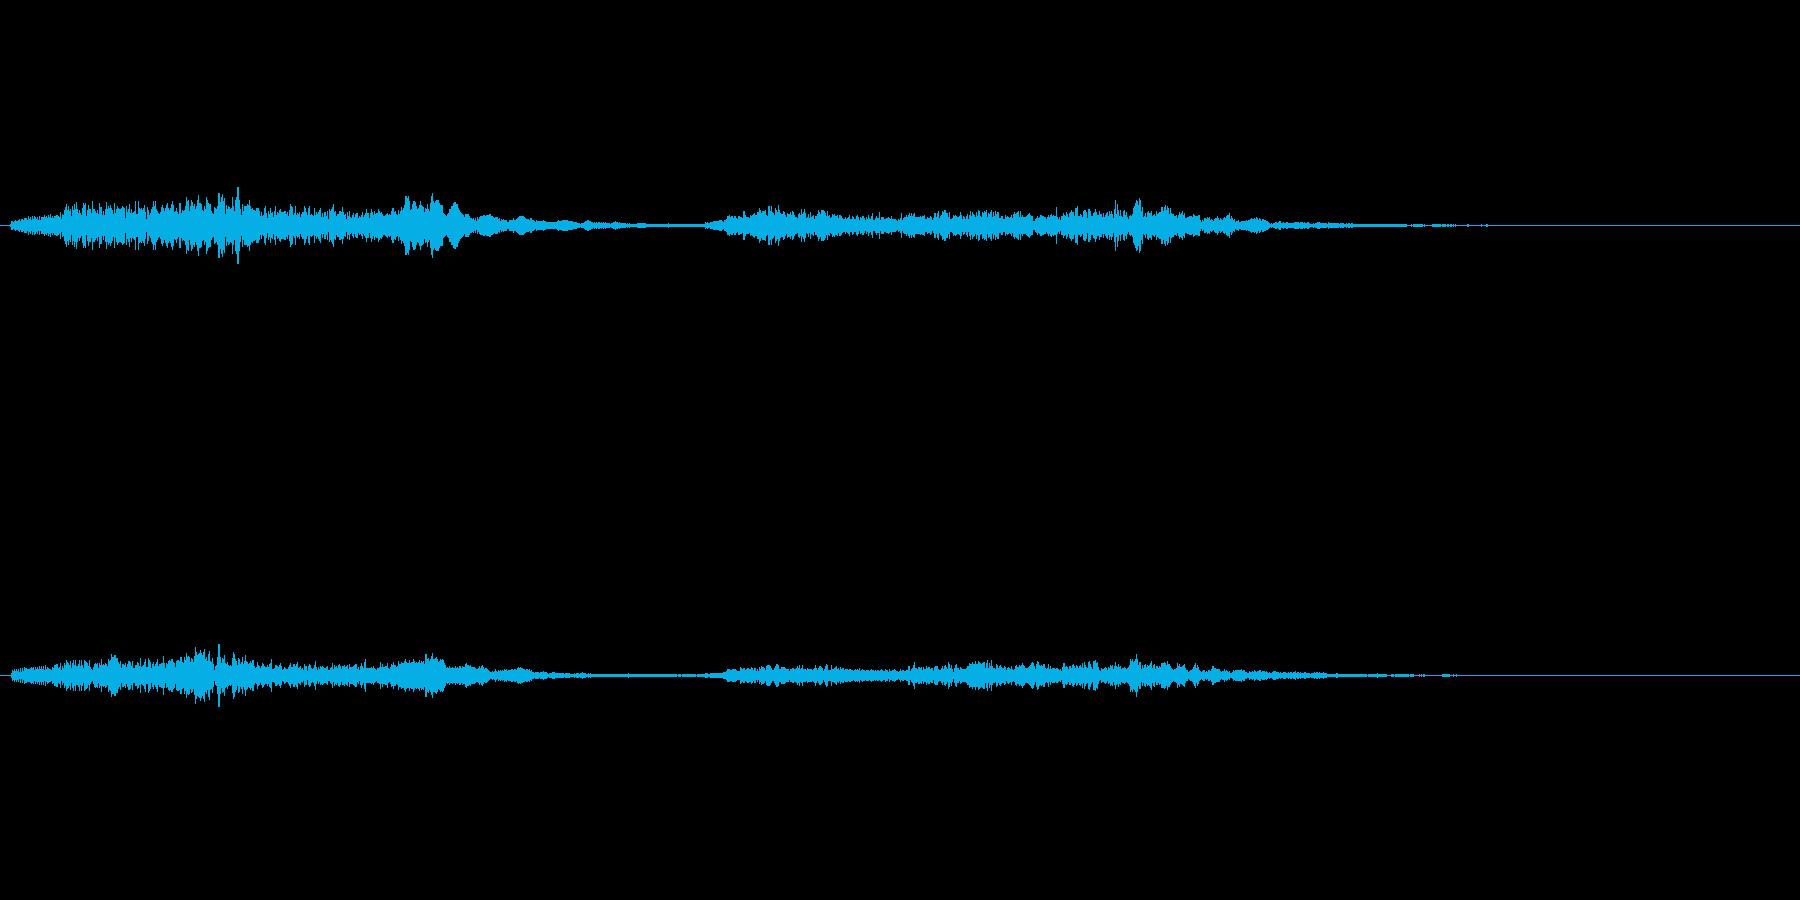 「バイオリンの綺麗なフレーズ」の再生済みの波形